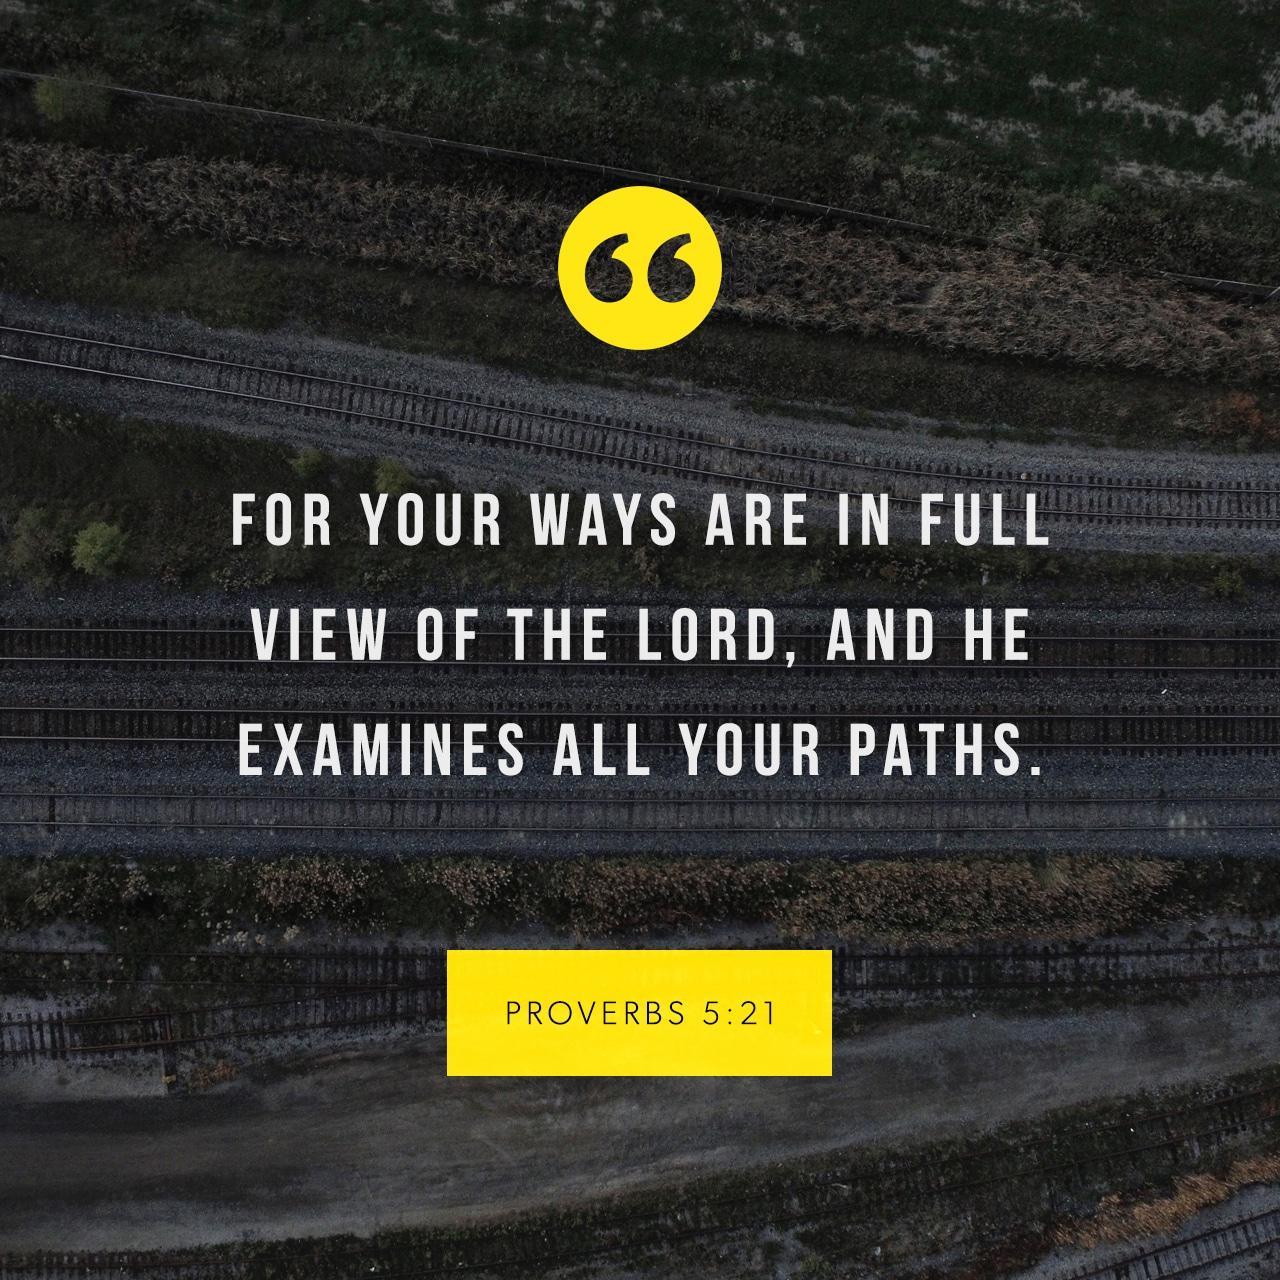 Proverbs 5:21